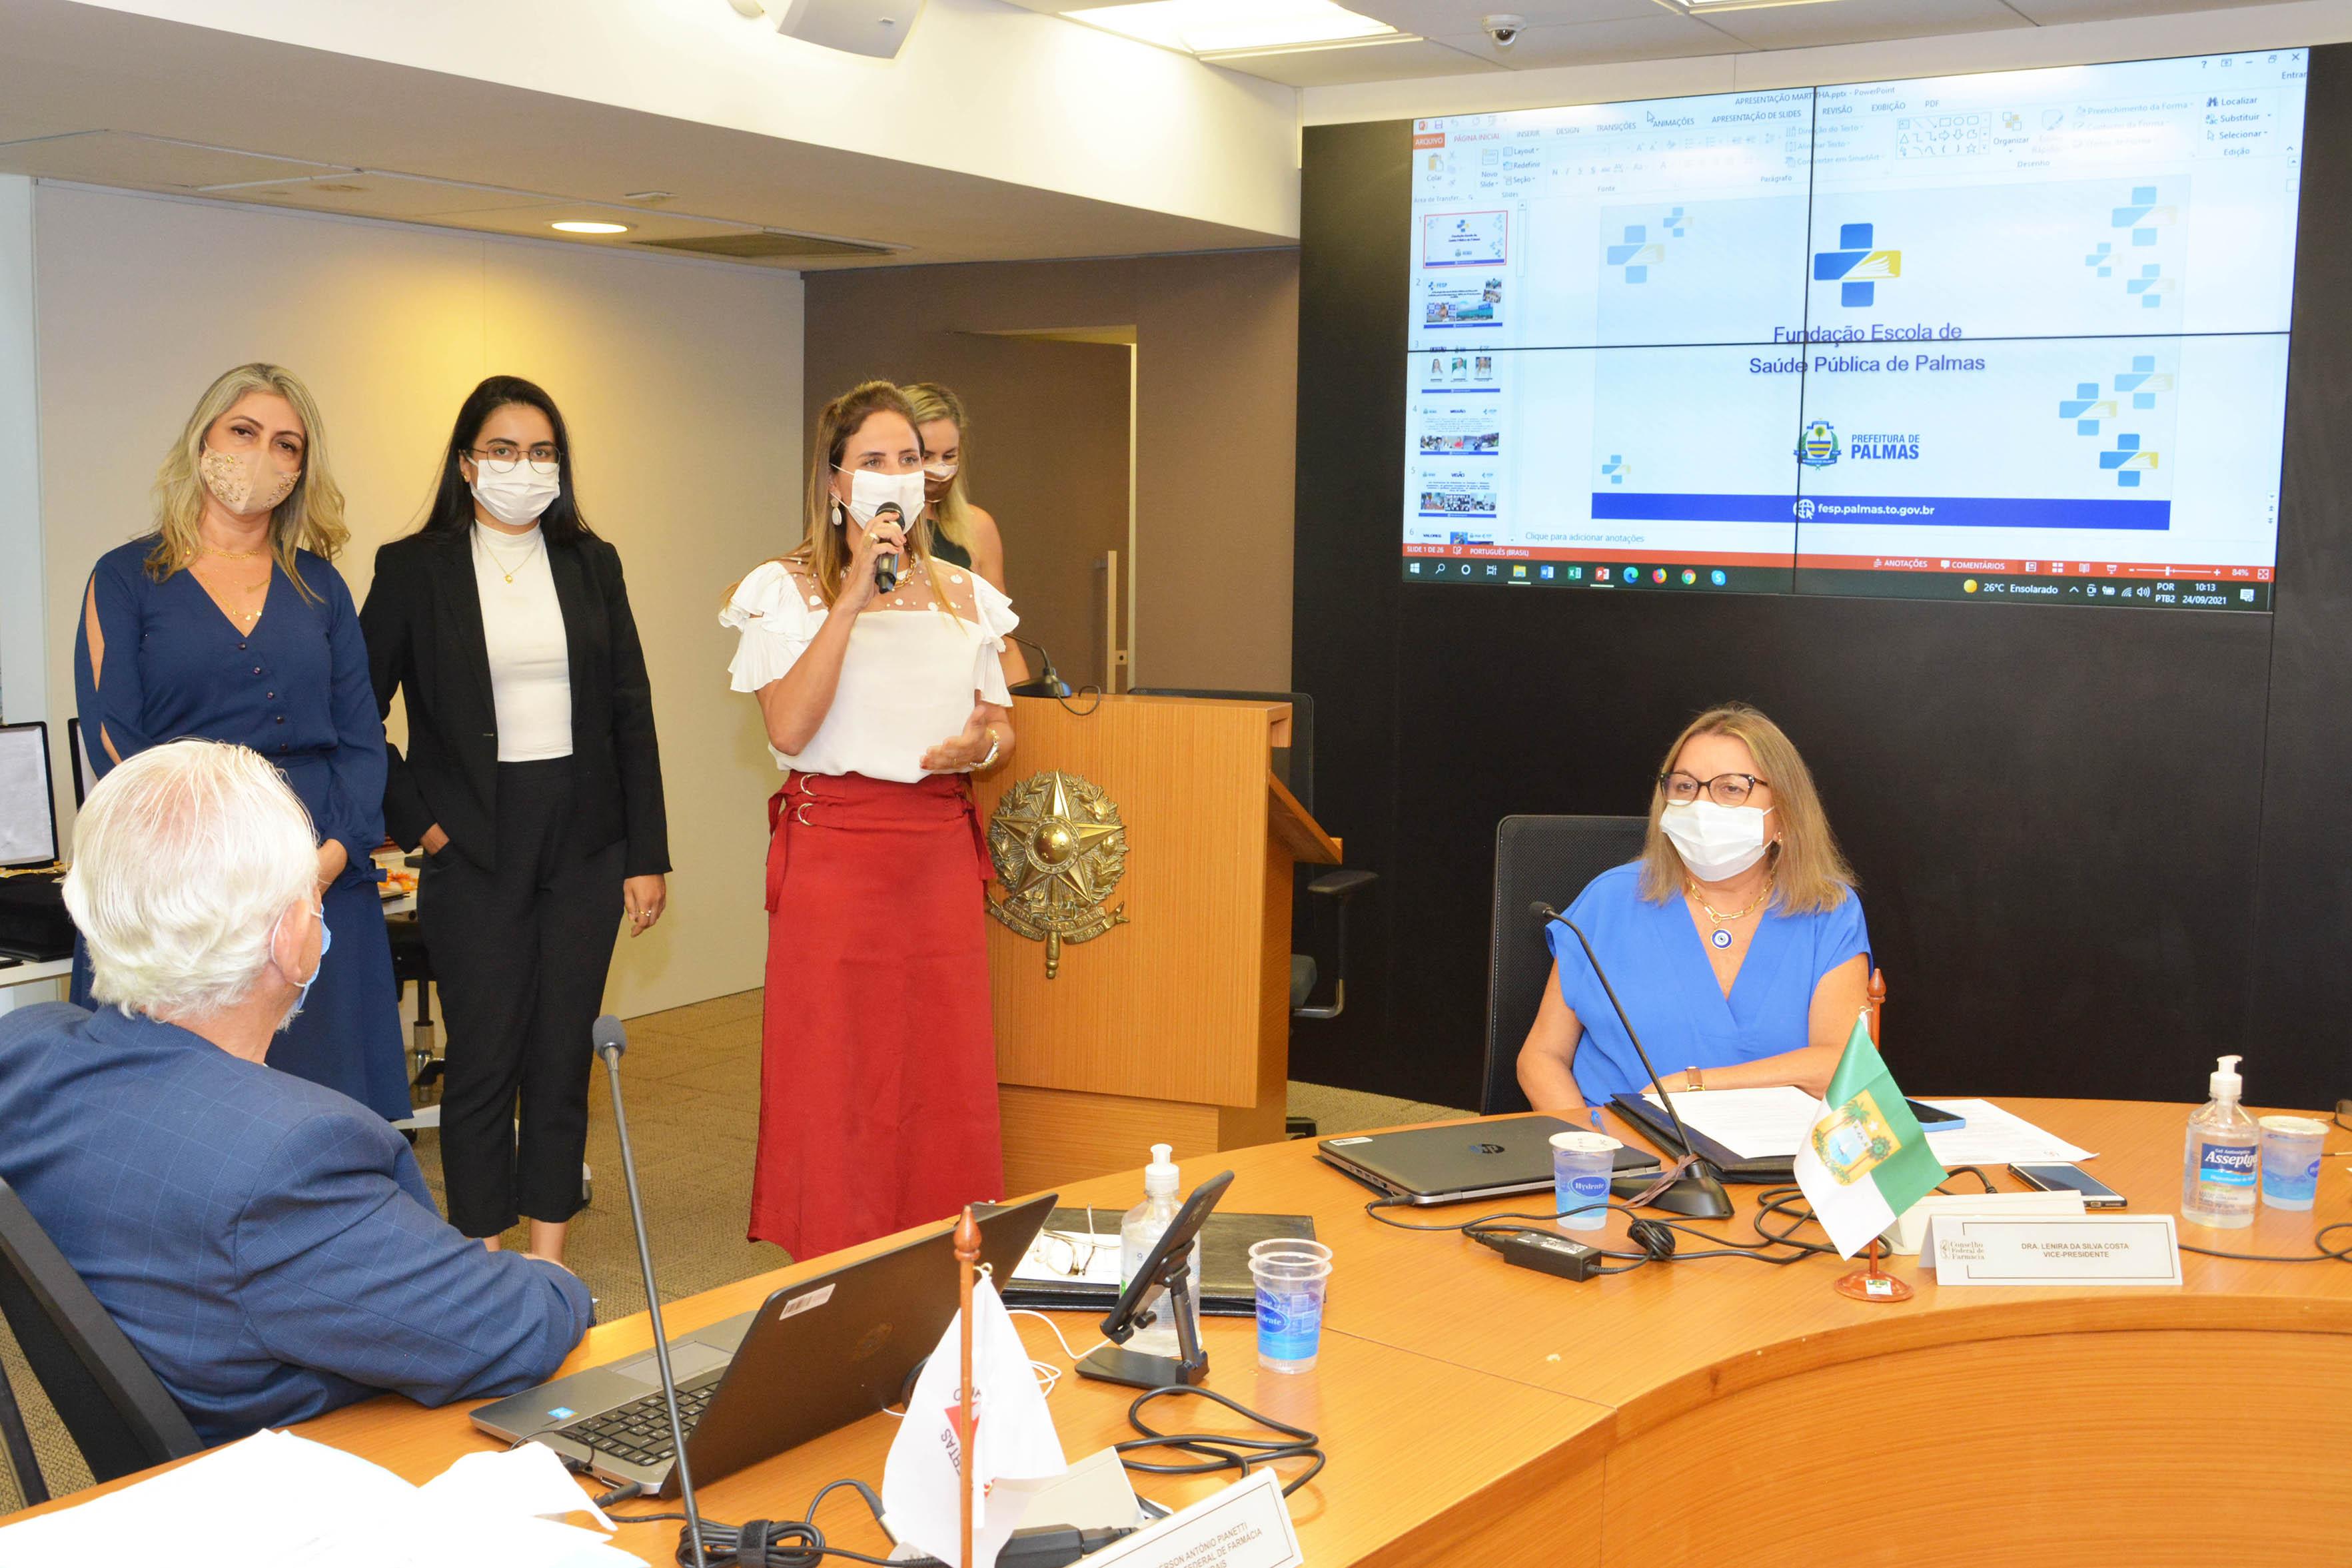 Presidente da Fesp passa a integrar o Conselho Nacional de Residência Multiprofissional em Saúde